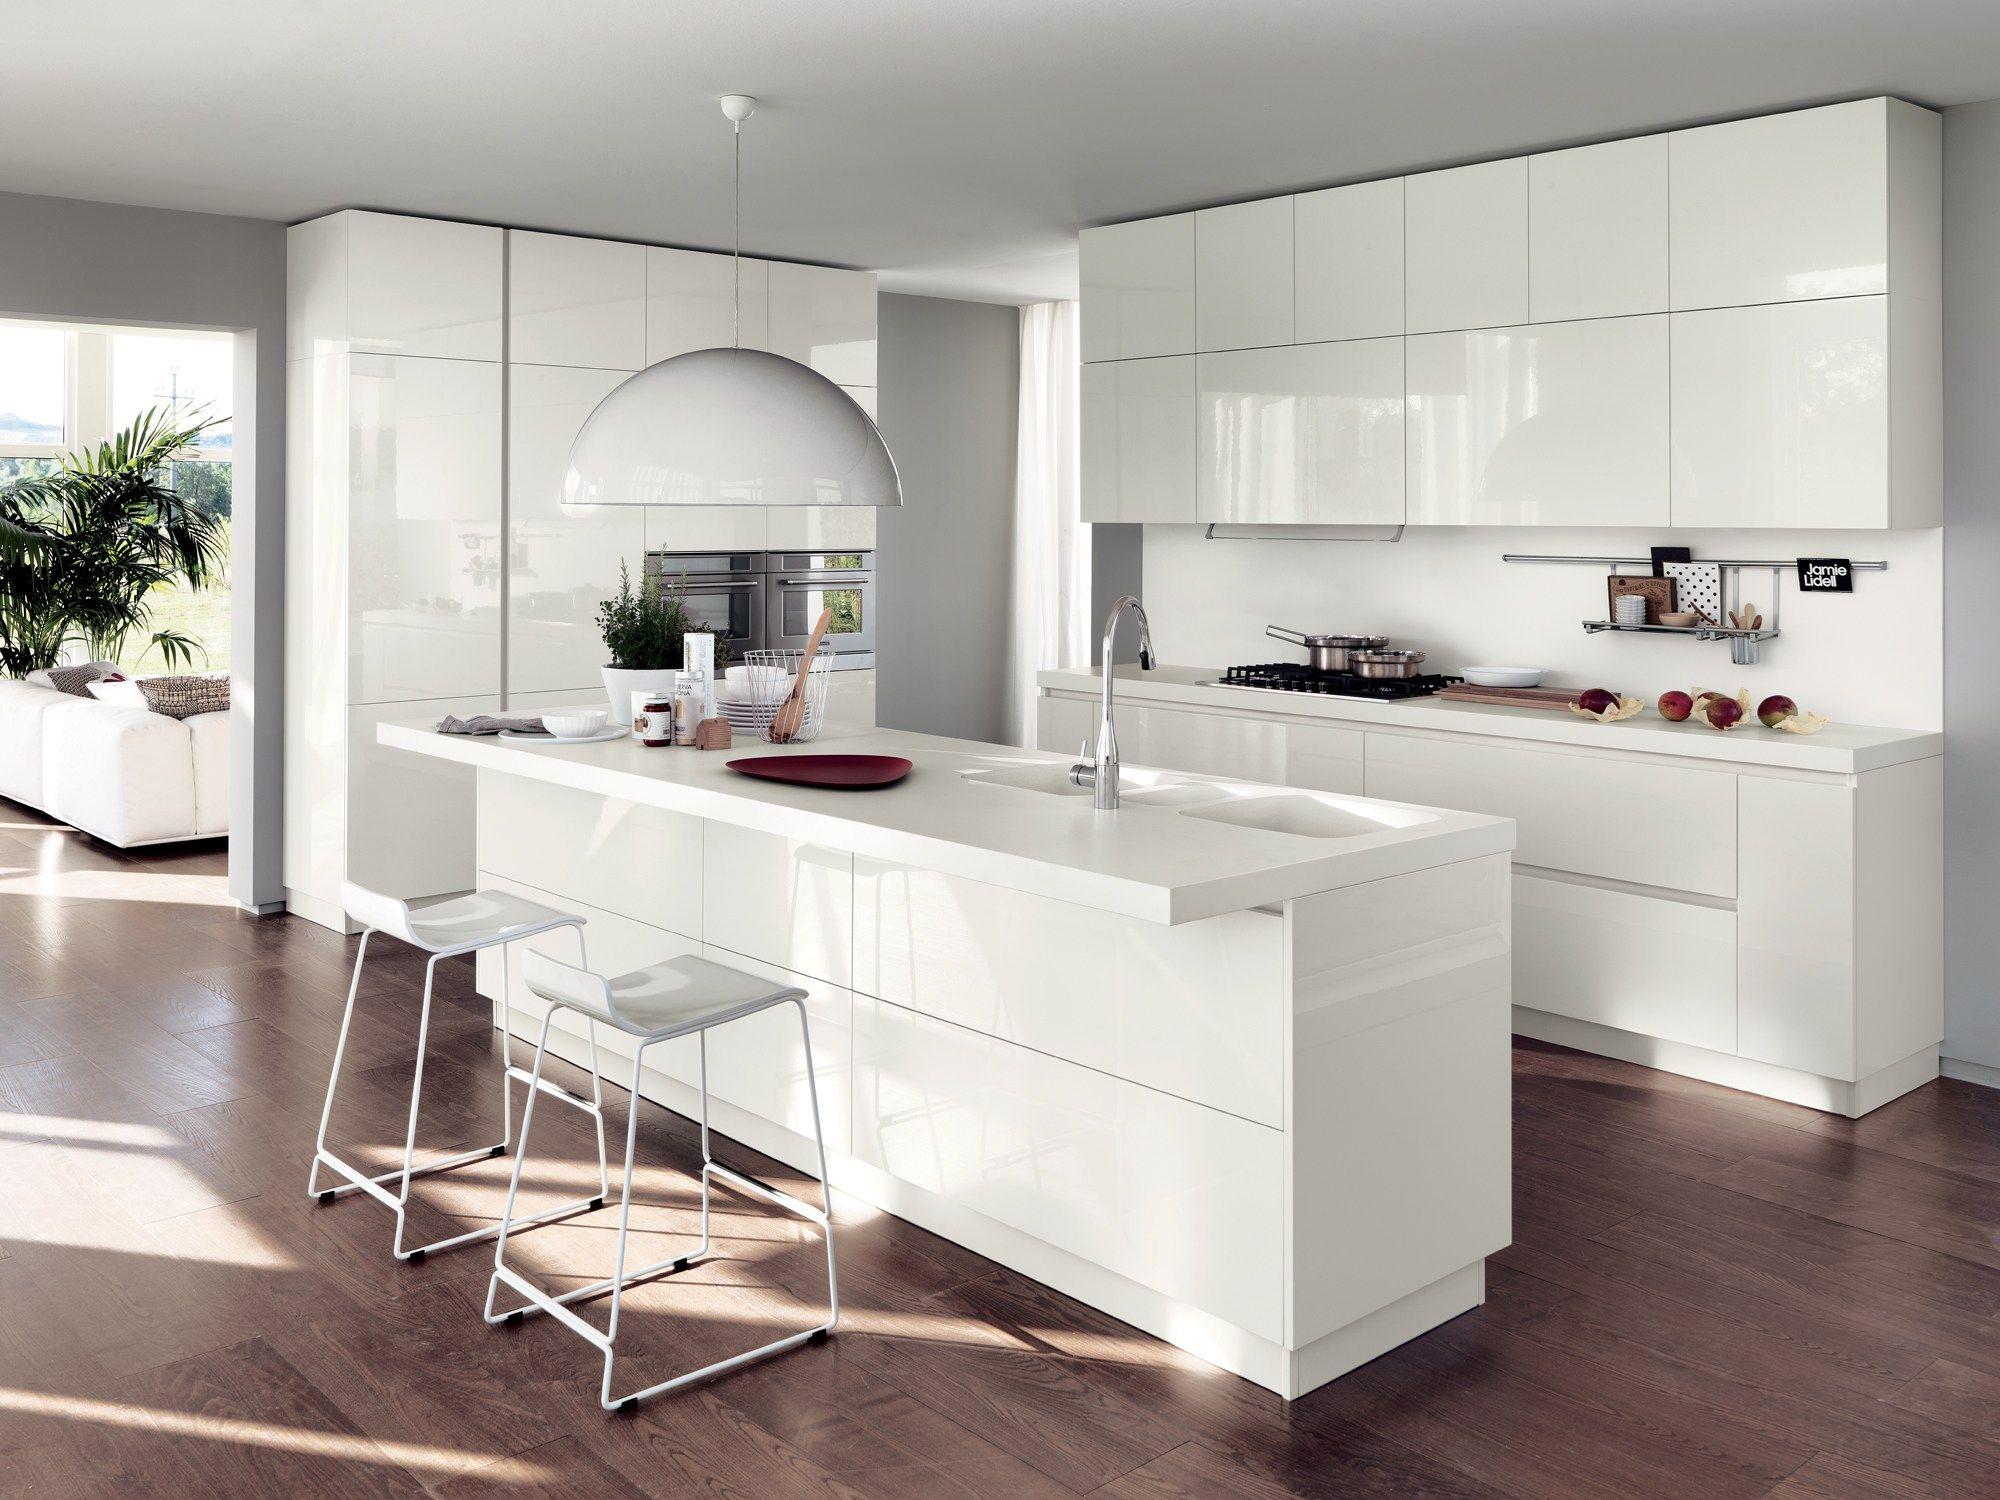 Scavolini Kitchens Fitted Kitchen Liberamente Scavolini Linescavolini